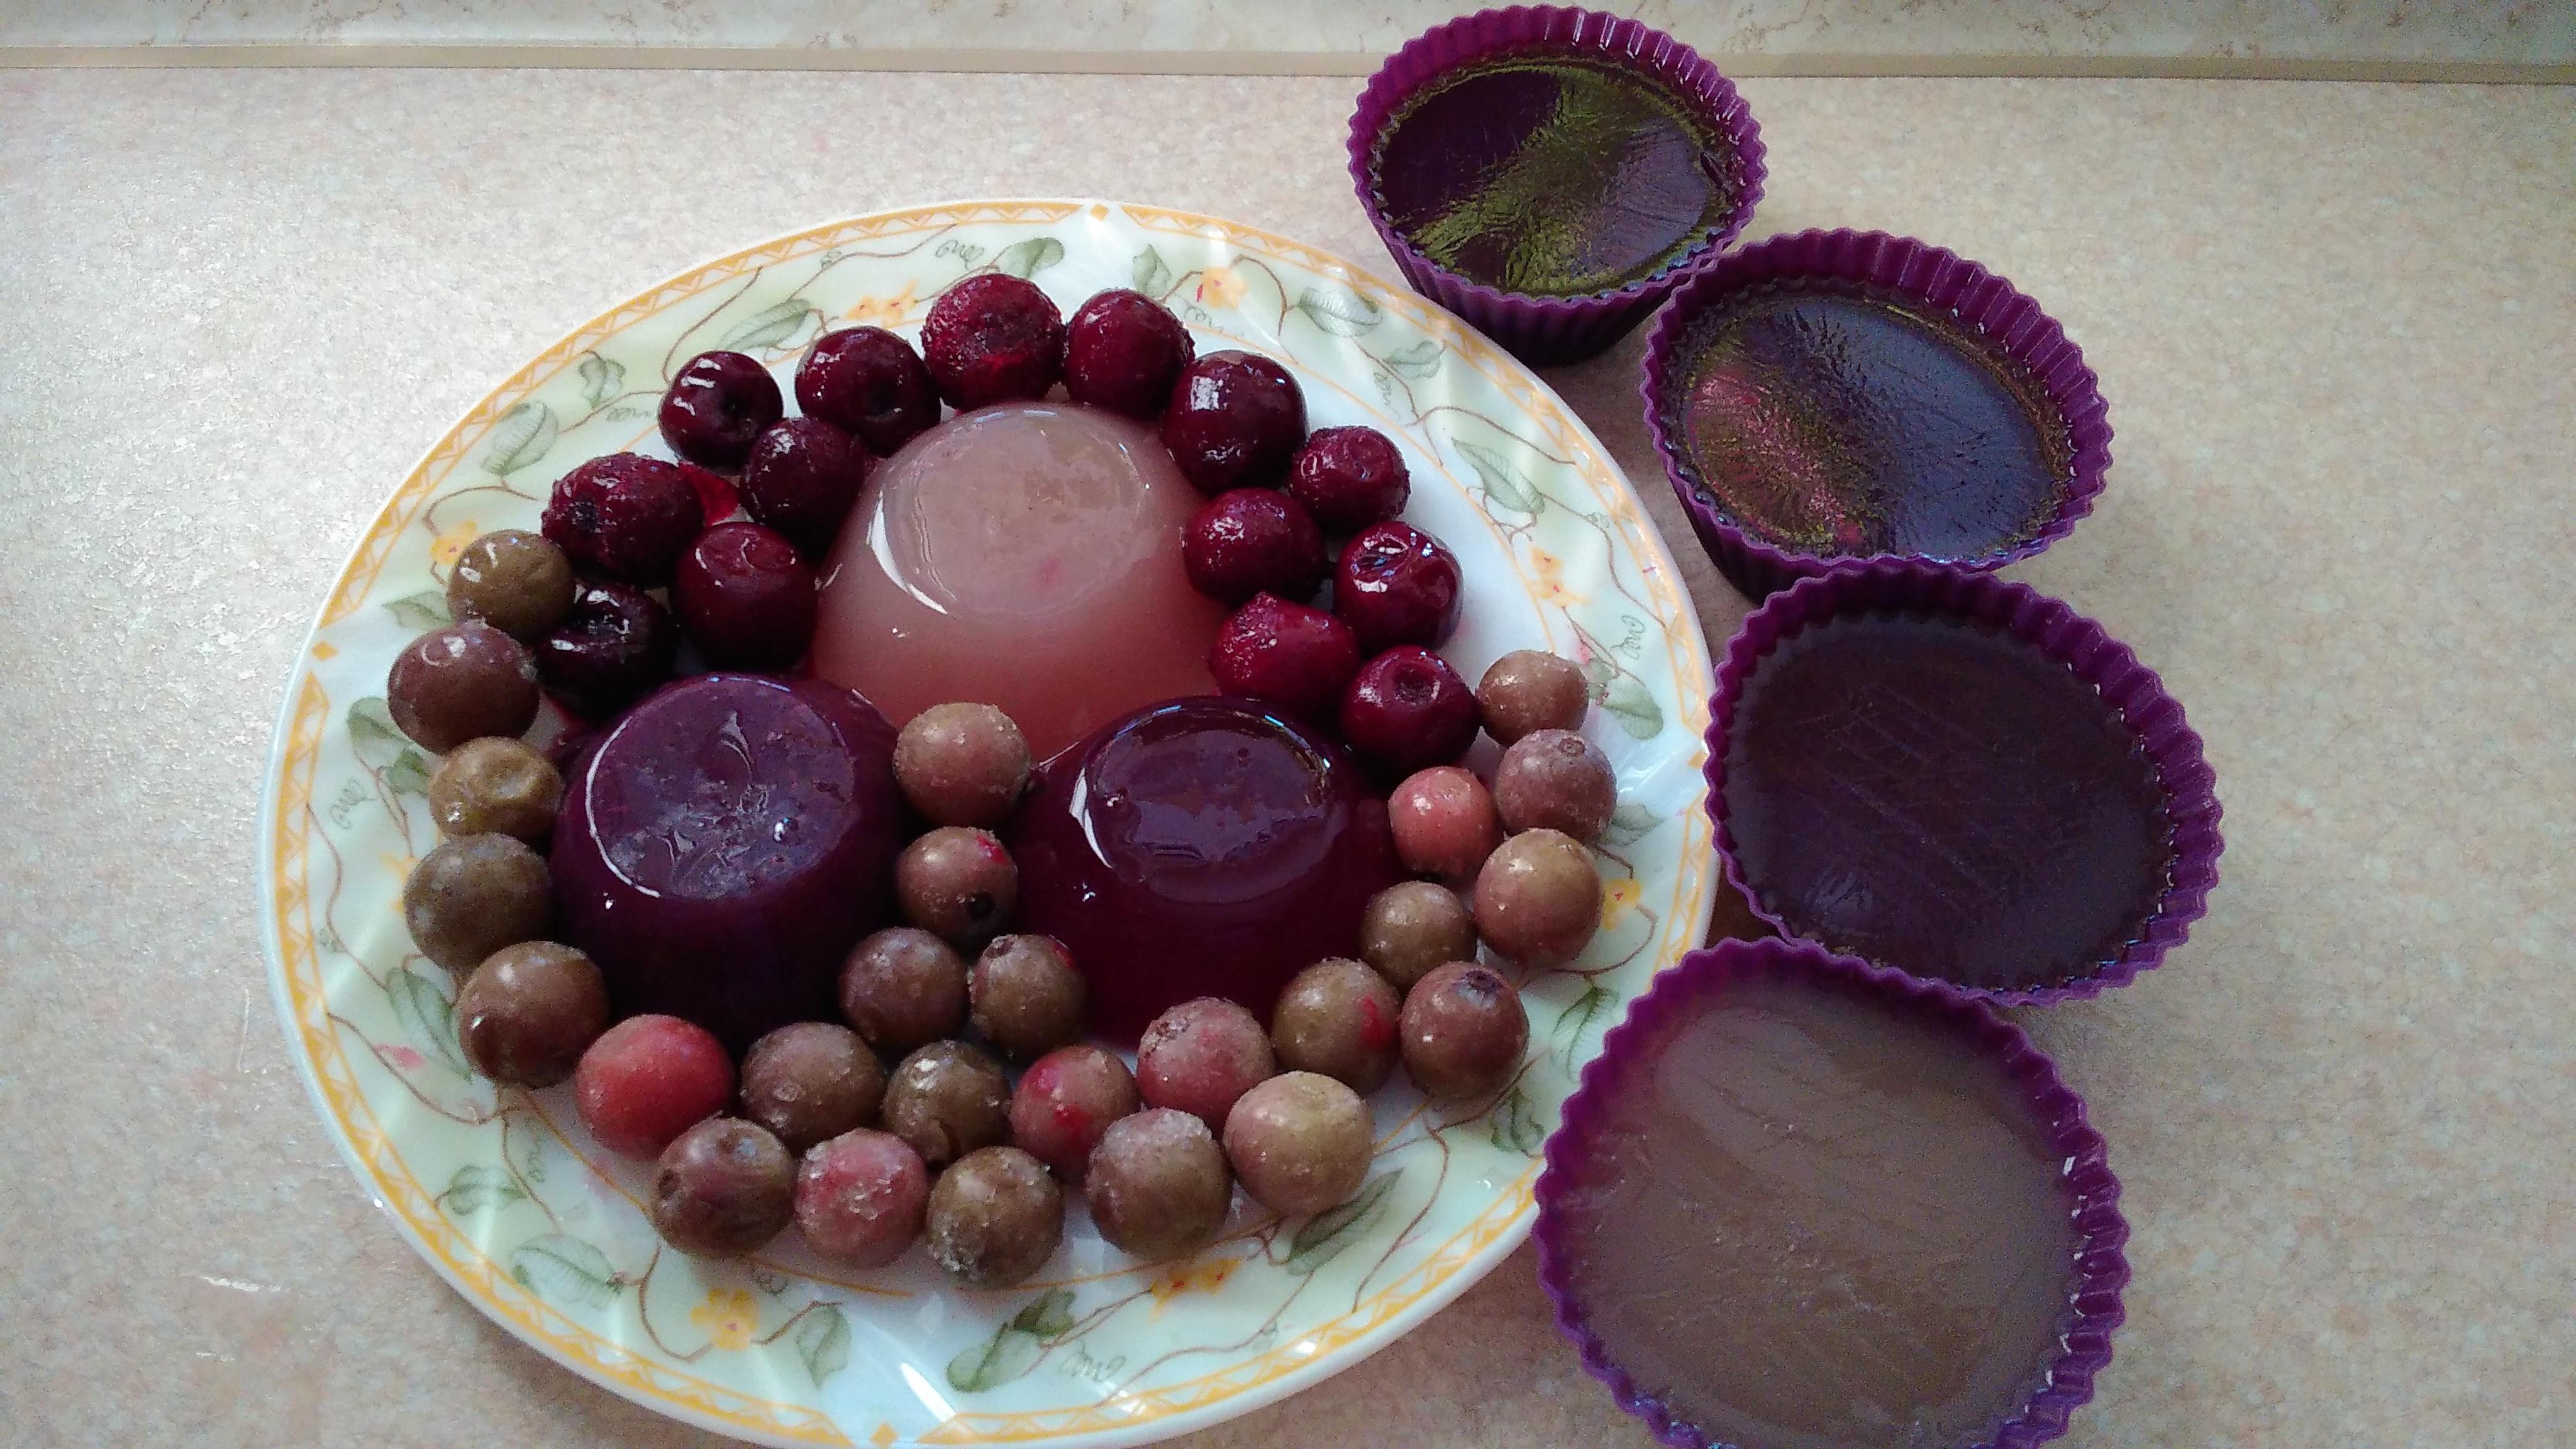 Рецепт фруктового желе с фруктами пошагово